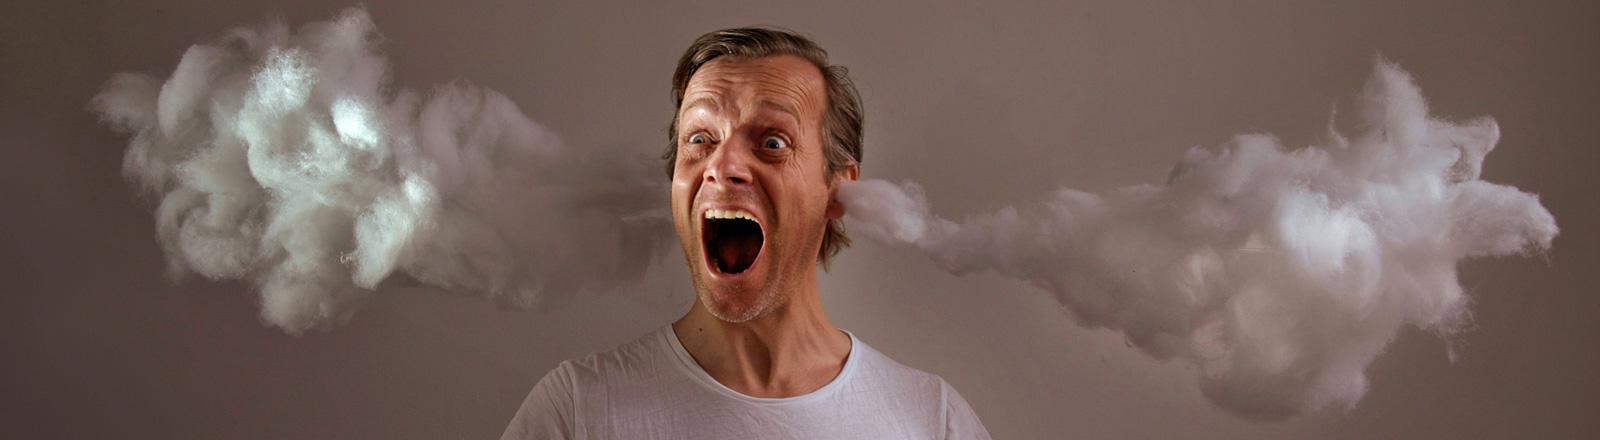 Ein Mann im weißen T-Shirt hat den Mund weit geöffnet. Aus seinen Ohren dringen weiße Wolken, die Watte ähneln.